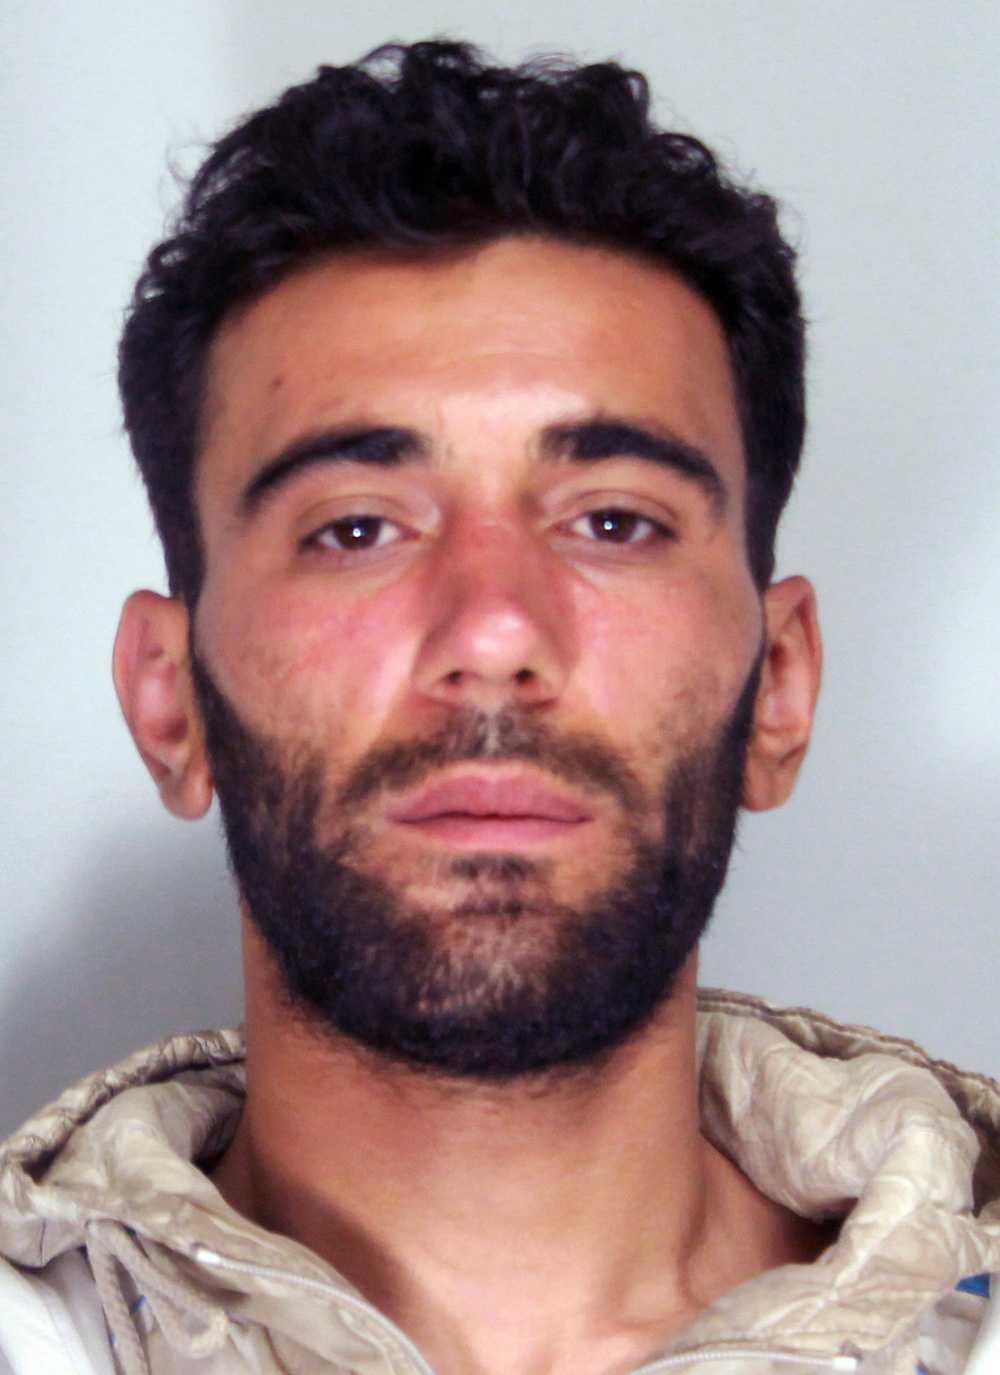 Fartygets kapten Mohammed Ali Malek hävdar att hanvar en migrant precis som de andra passagerarna.